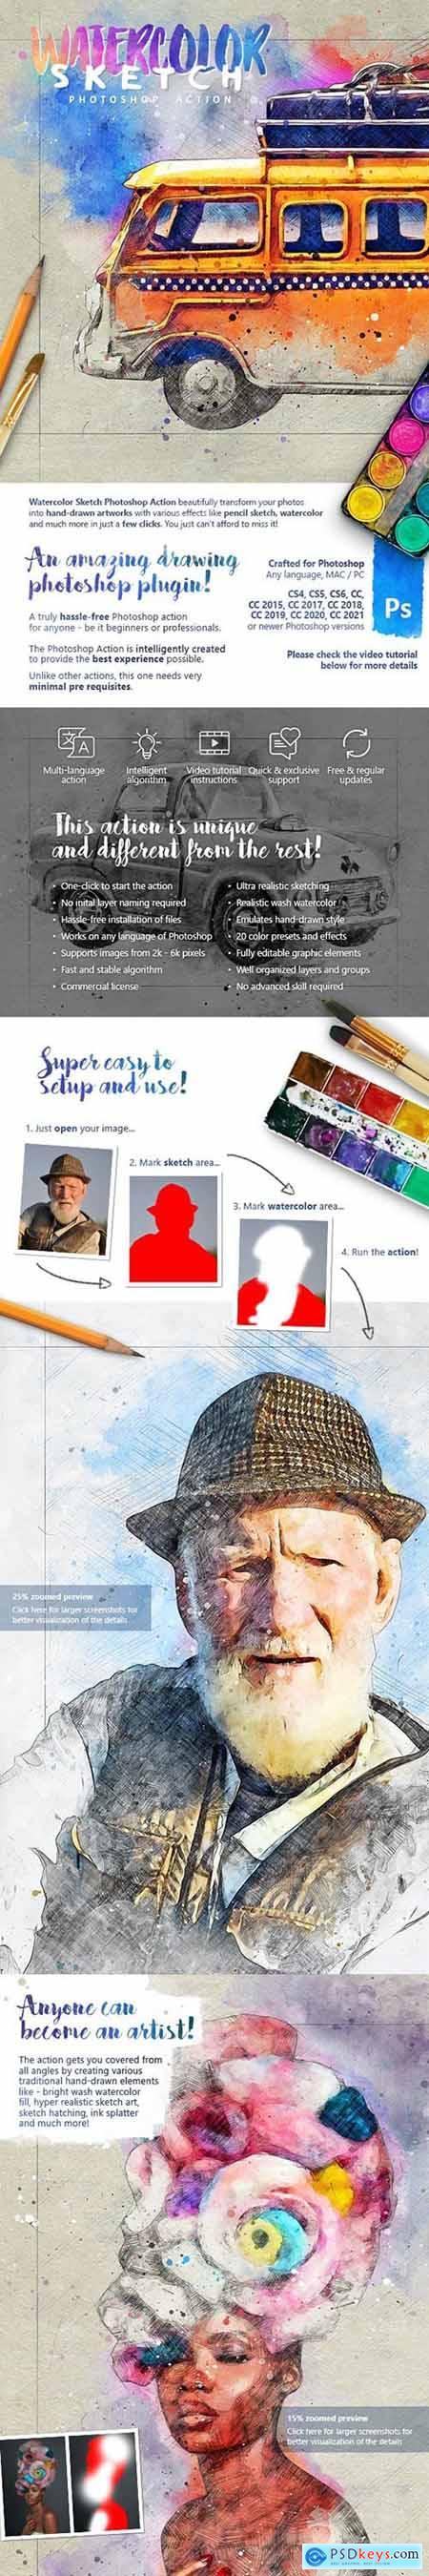 Watercolor Sketch Photoshop Action 32350586